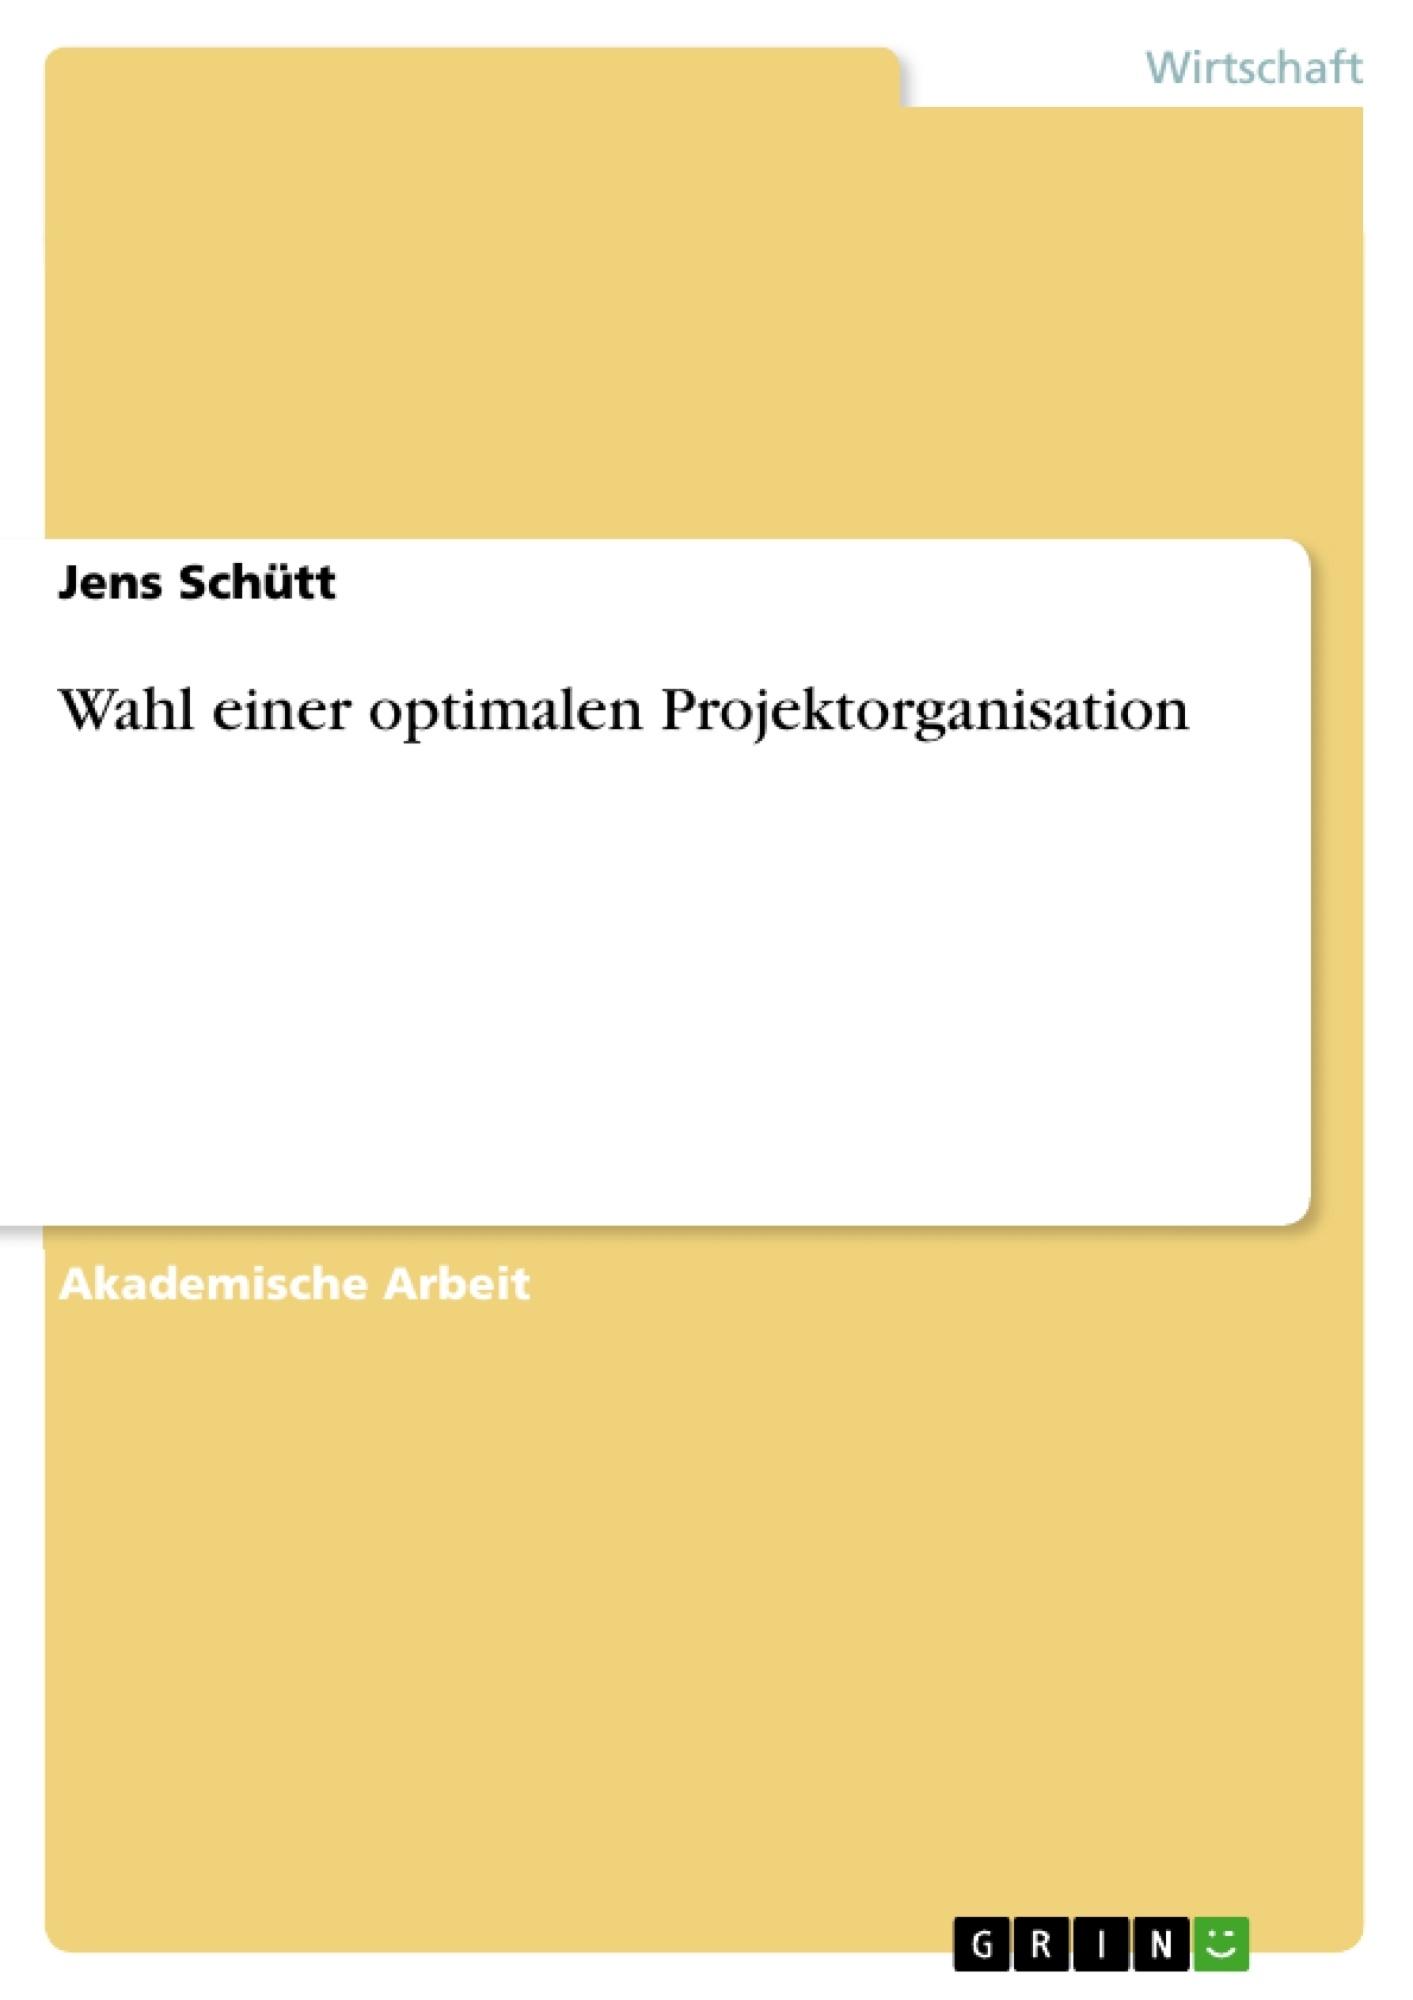 Titel: Wahl einer optimalen Projektorganisation